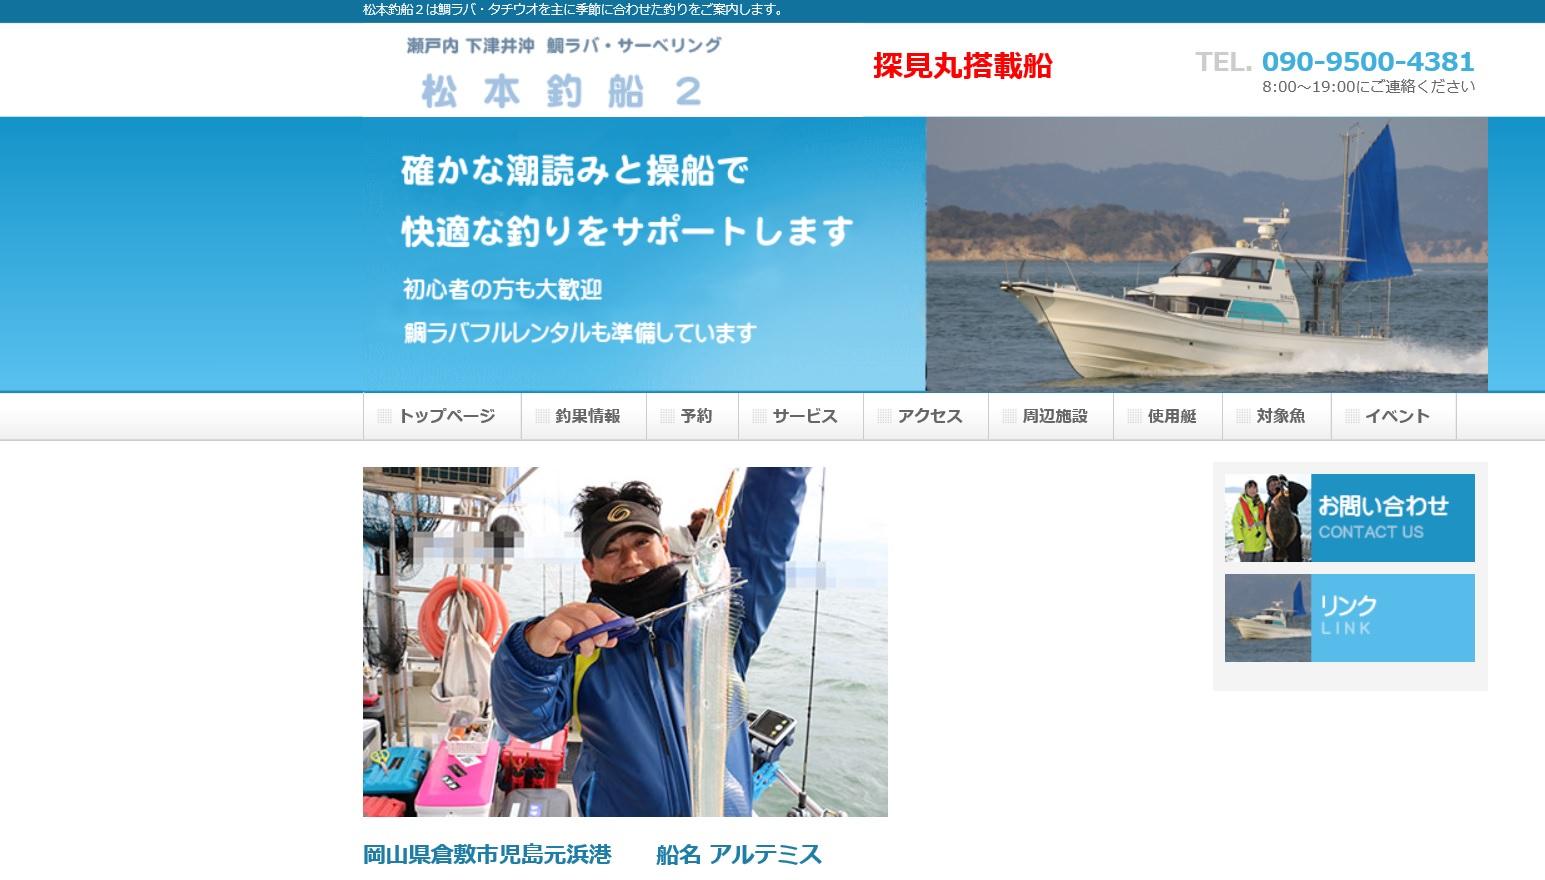 岡山では水深20m前後でメタボスイマー炸裂